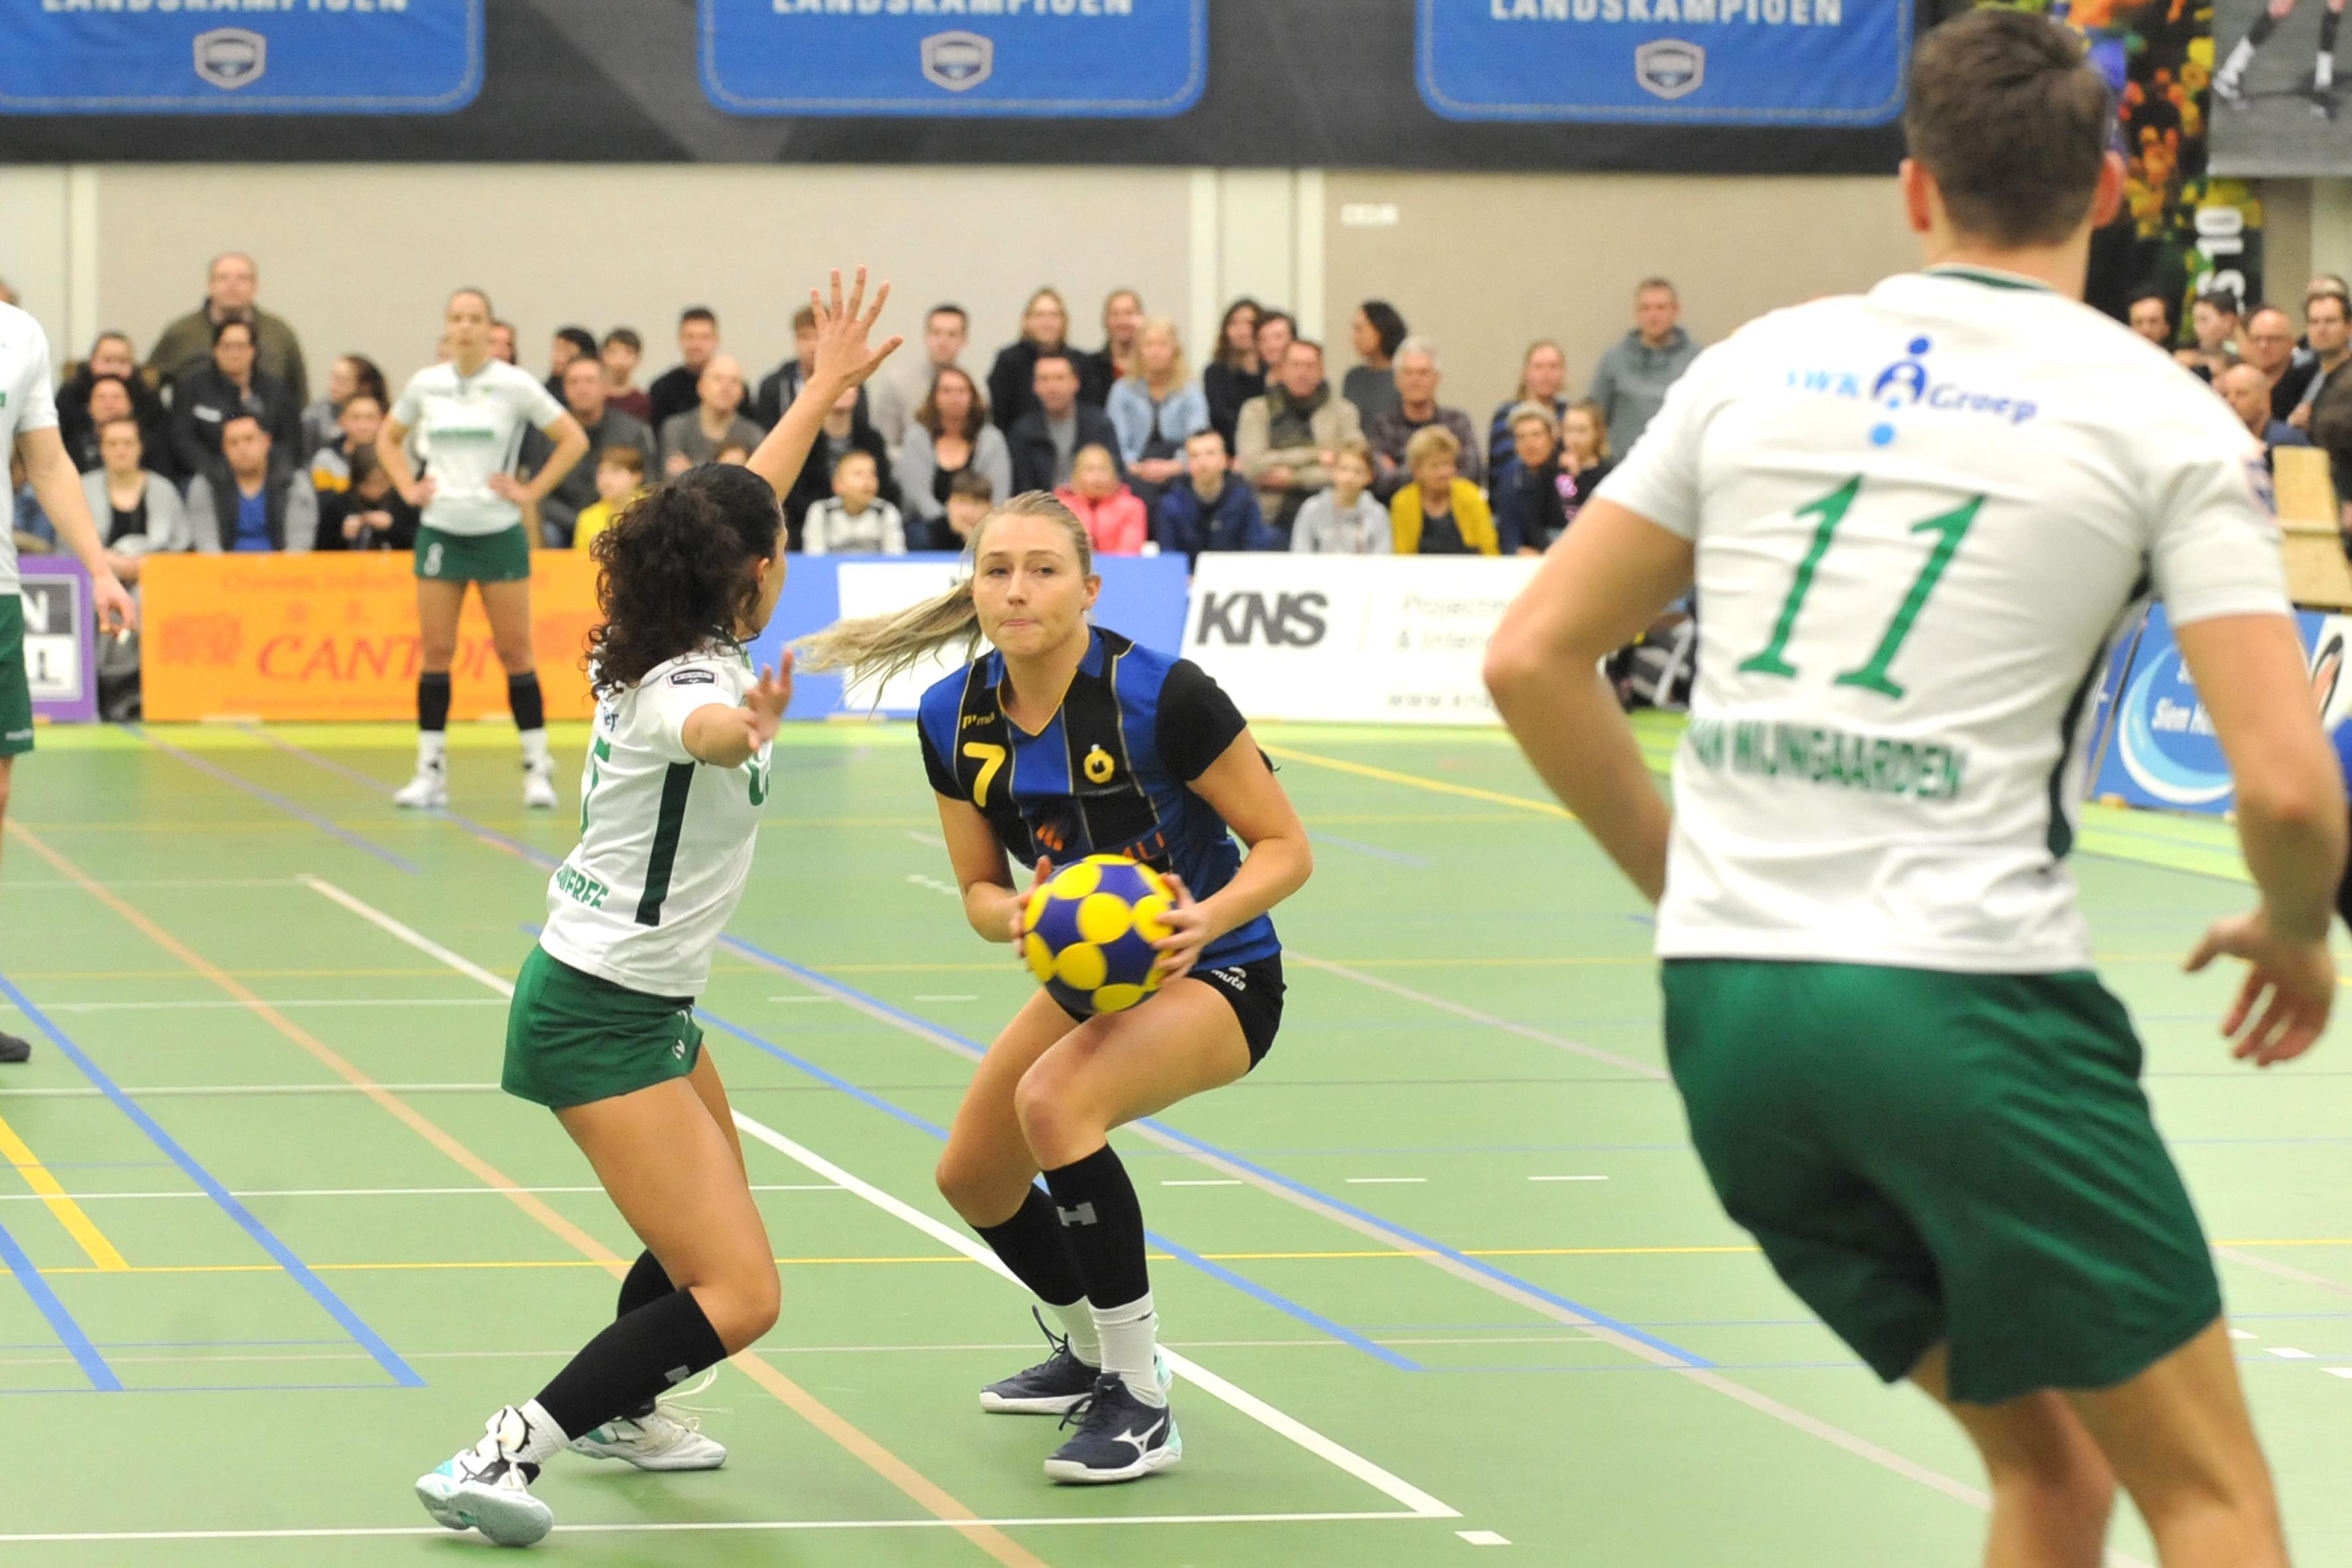 KZ-korfbalster Anna Kriek (24) toont aan dat diabetes geen grote beperking hoeft te zijn: 'Heel gaaf dat ik nu bij volwassen Oranje mee train'